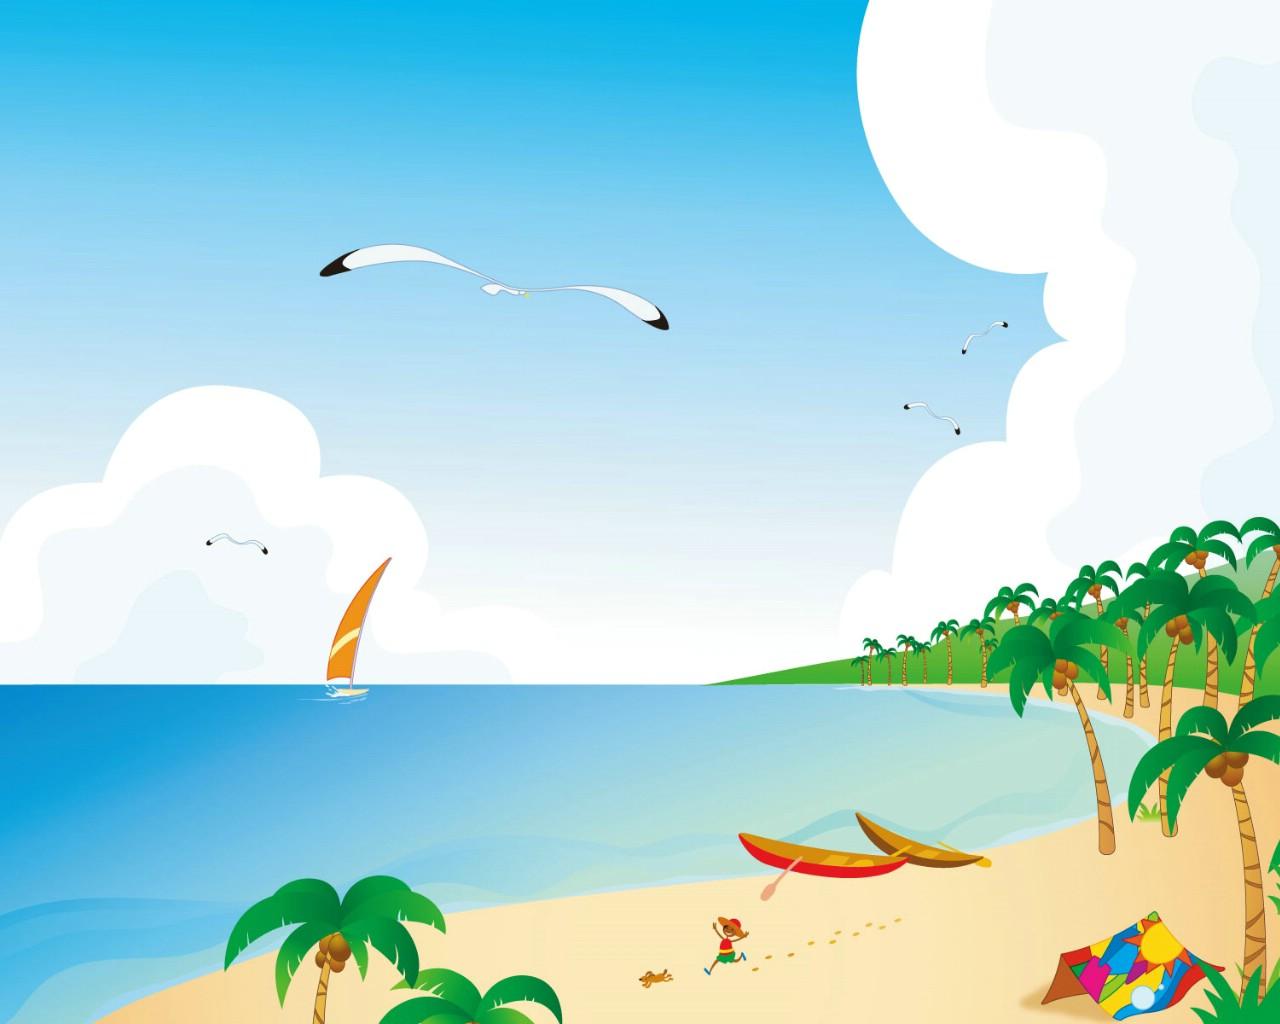 壁纸1280×1024矢量夏日海滩 1 9壁纸 矢量风光 矢量夏日海滩 第一辑壁纸图片矢量壁纸矢量图片素材桌面壁纸